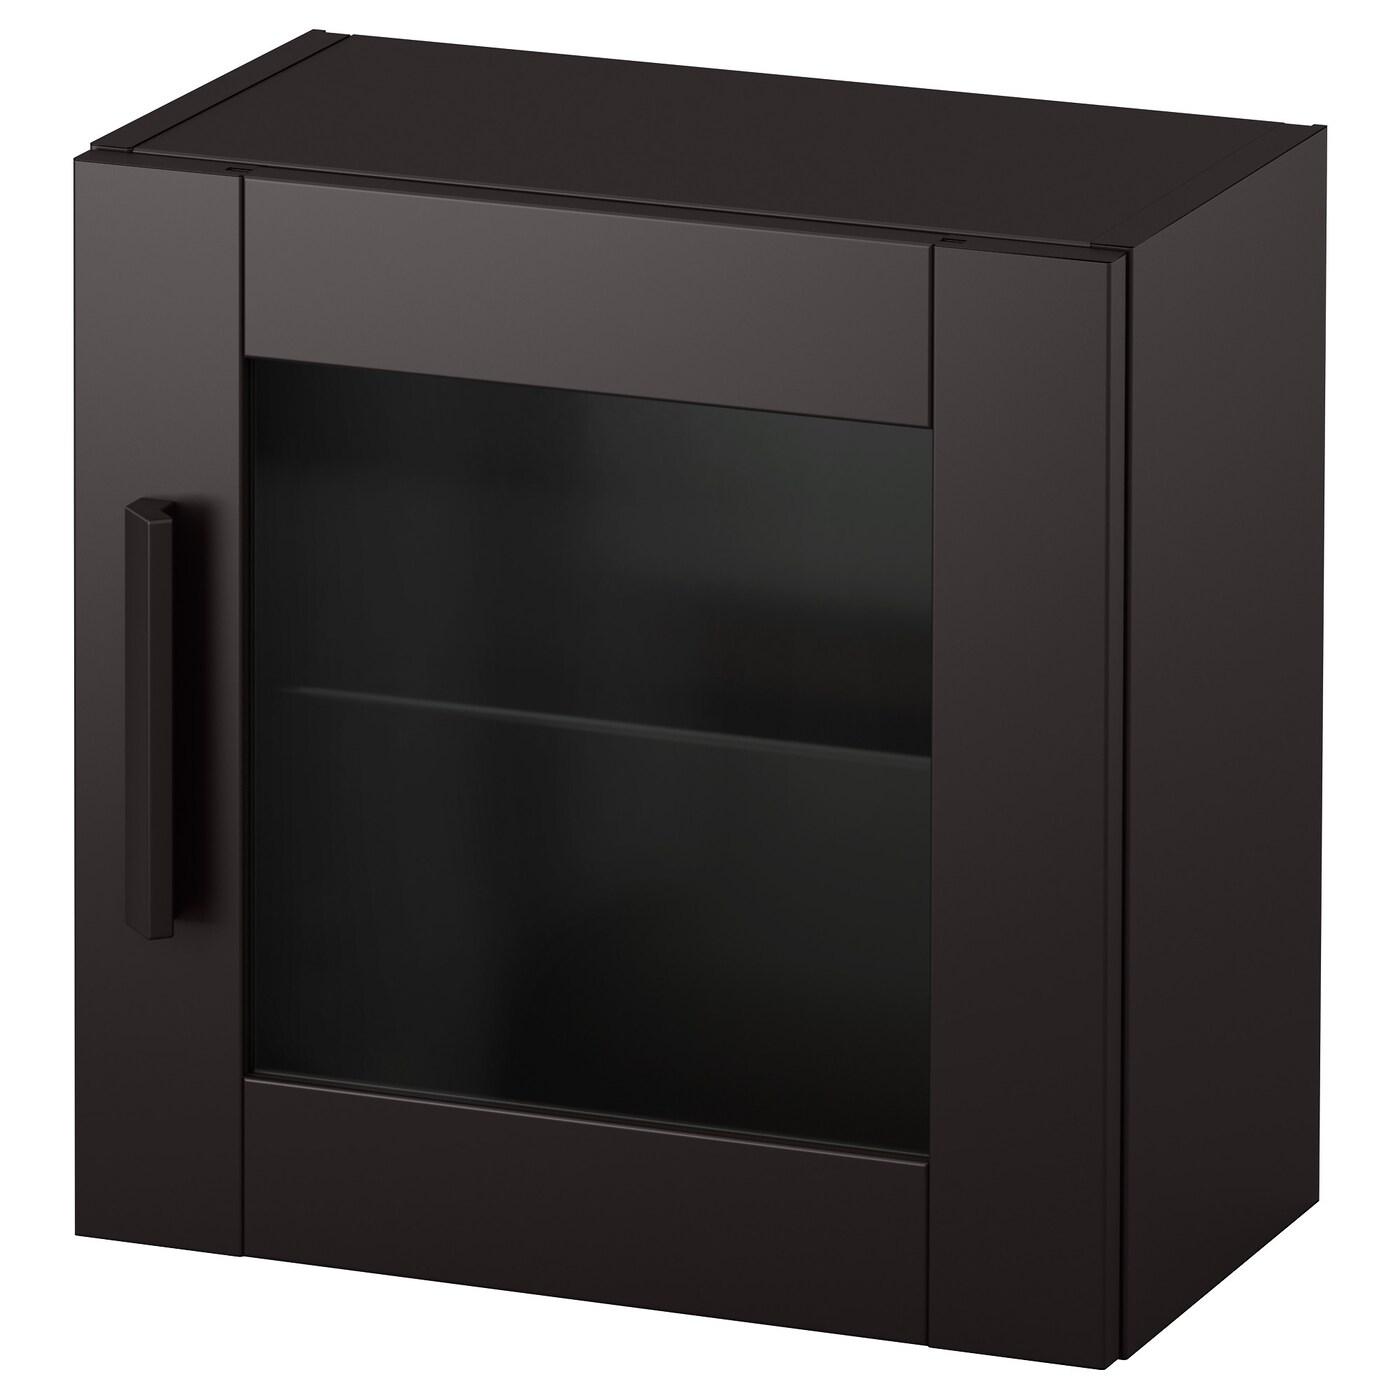 Ikea Hängeschränke online kaufen   Möbel-Suchmaschine   ladendirekt.de